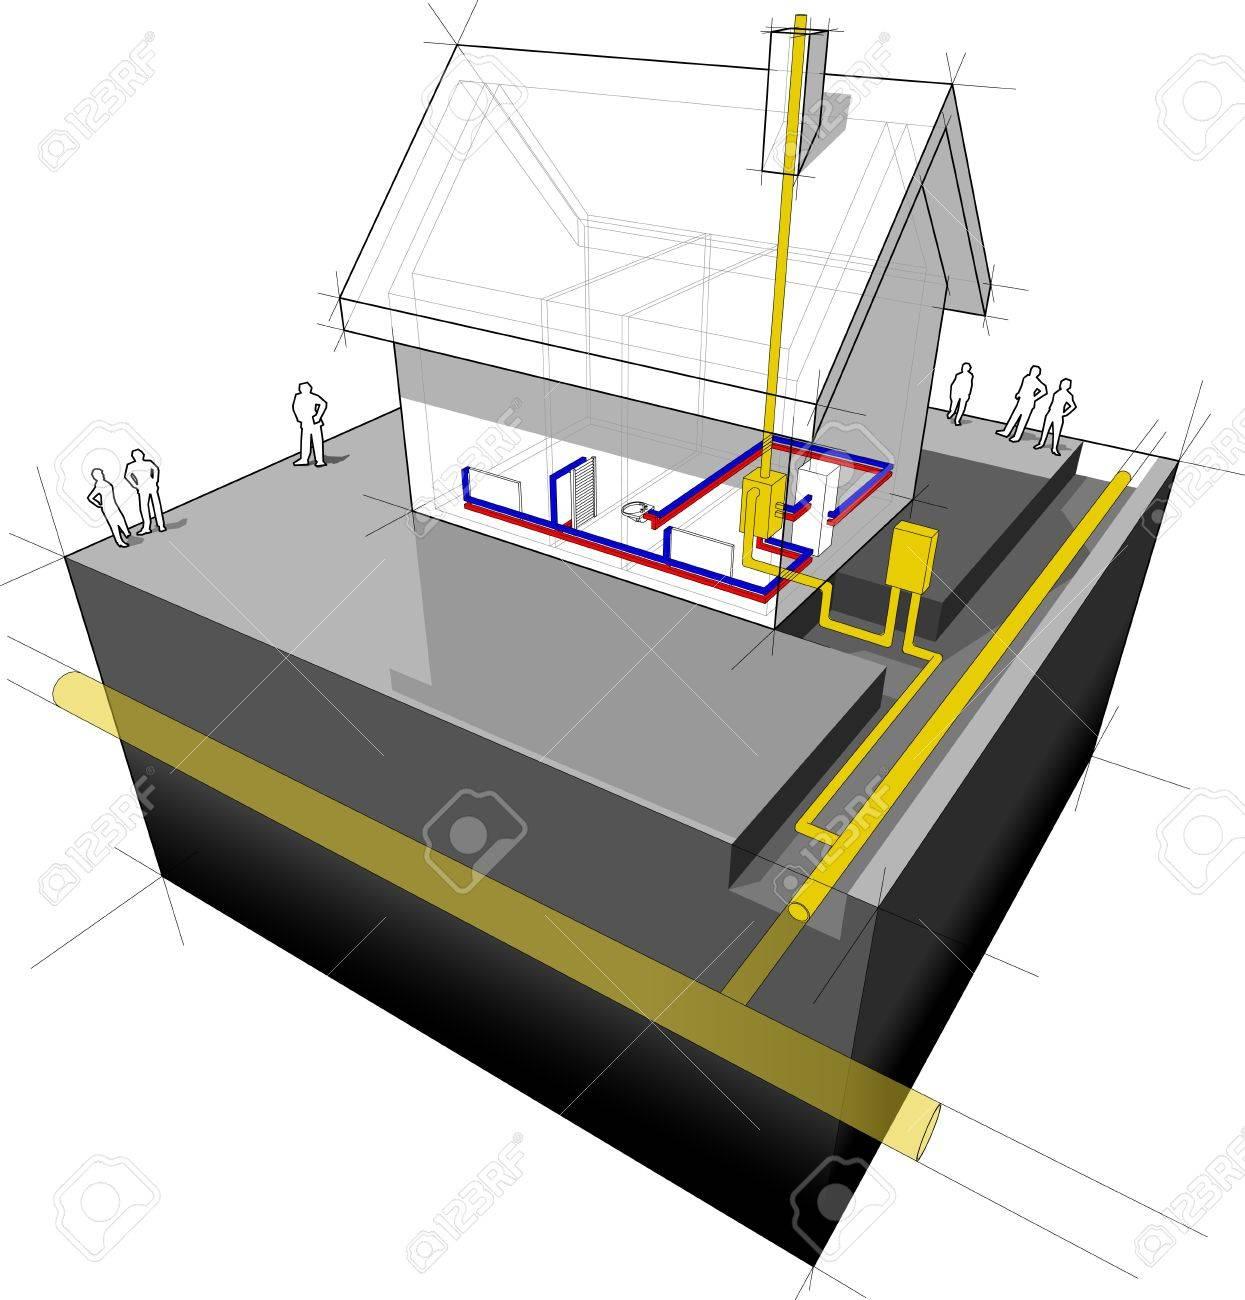 Diagramm Eines Einfamilienhauses Mit Traditioneller Heizung Erdgas ...